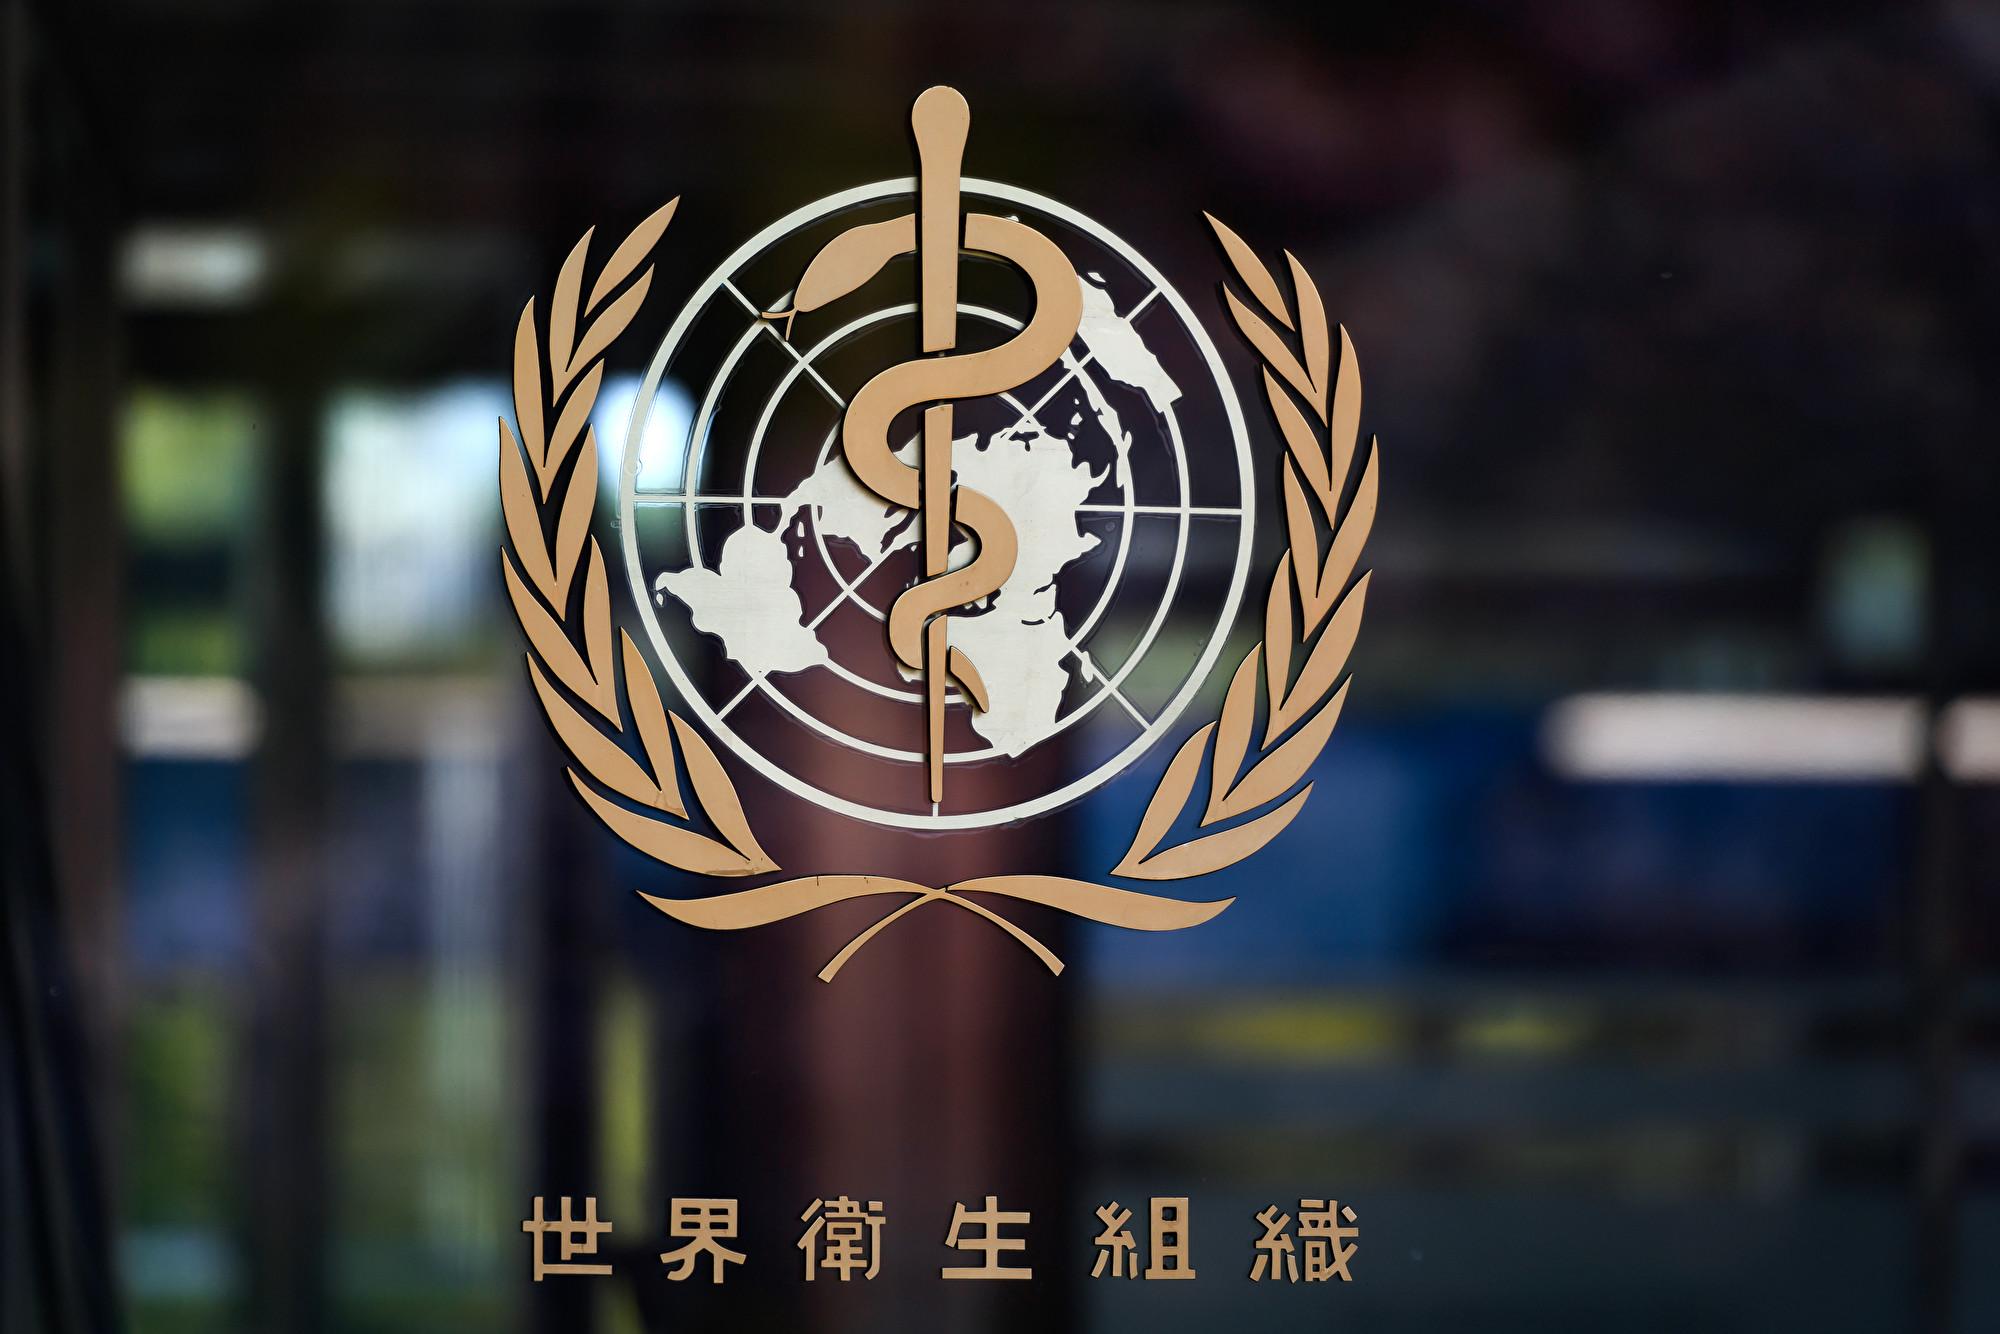 白宮:G7領袖同意合作抗疫 促WHO改革